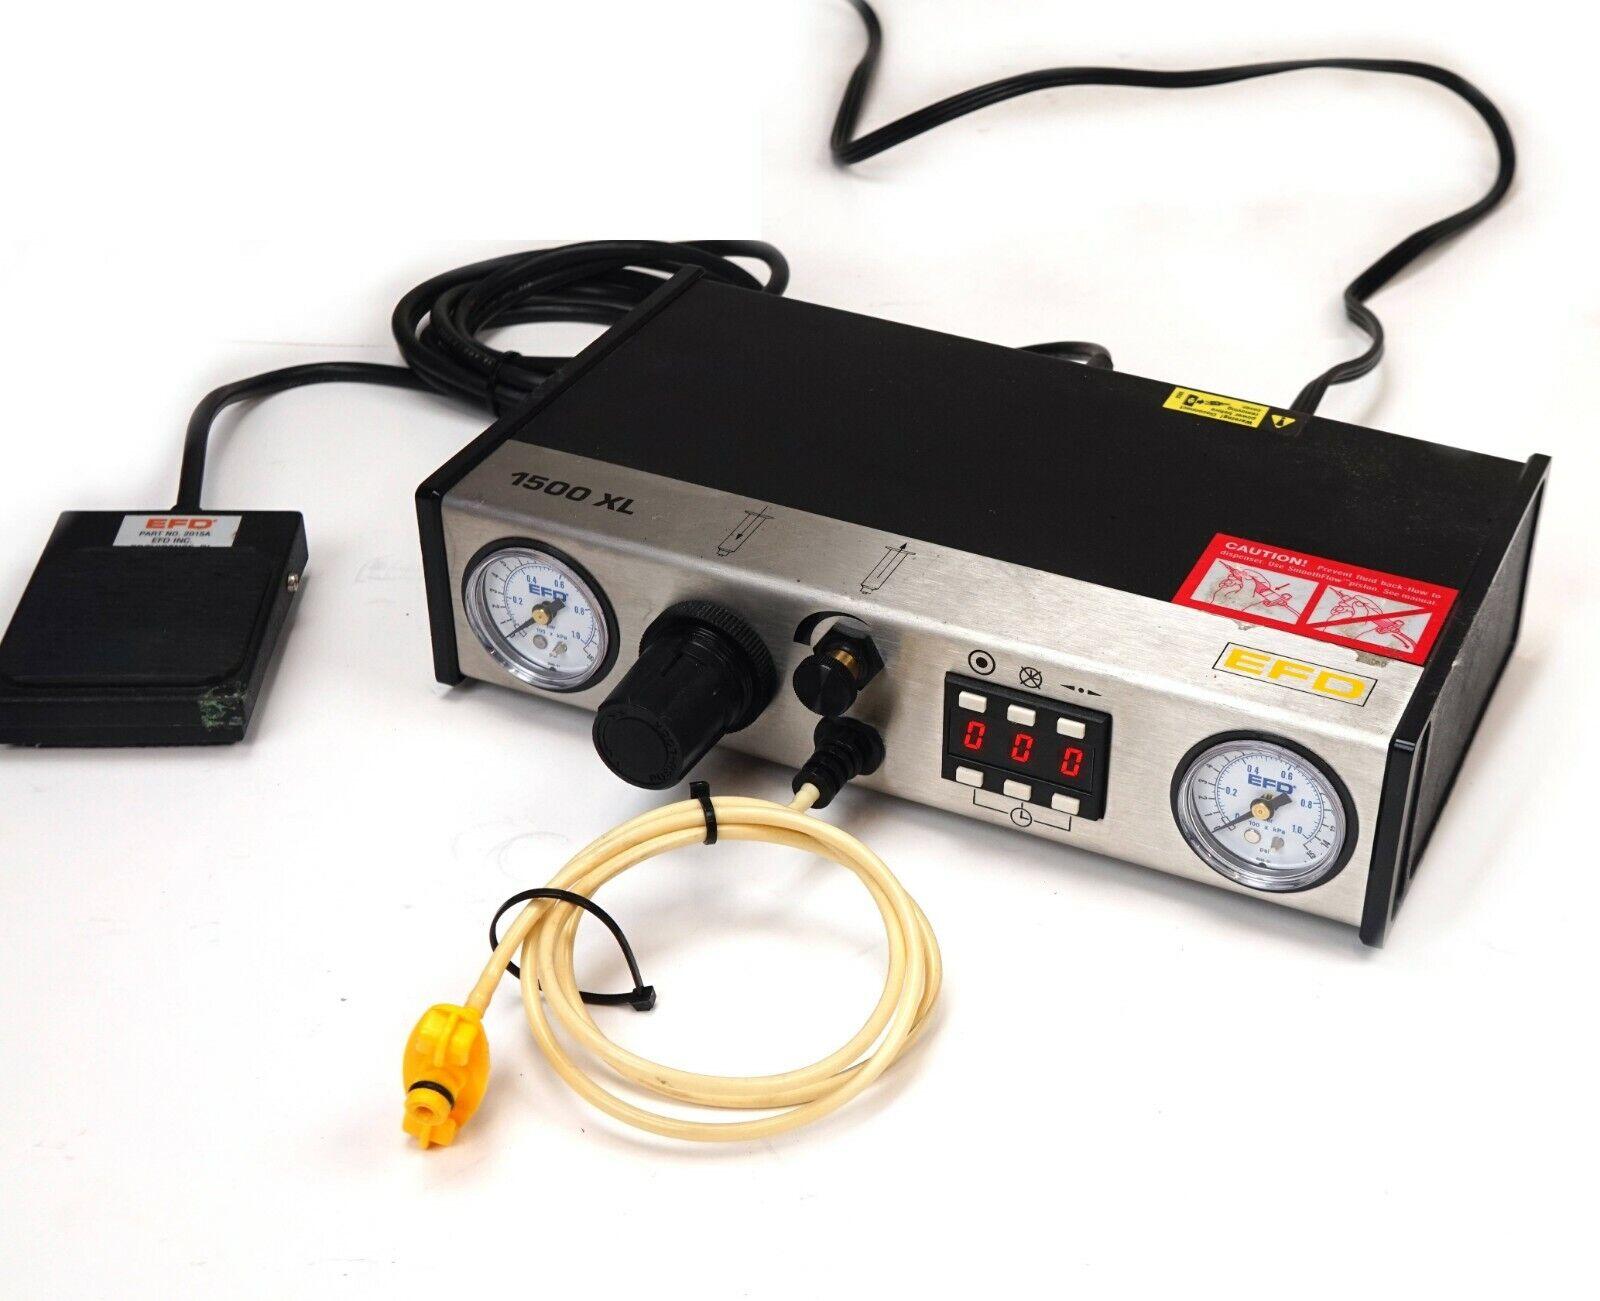 EFD 1500XL FLuid Dispenser